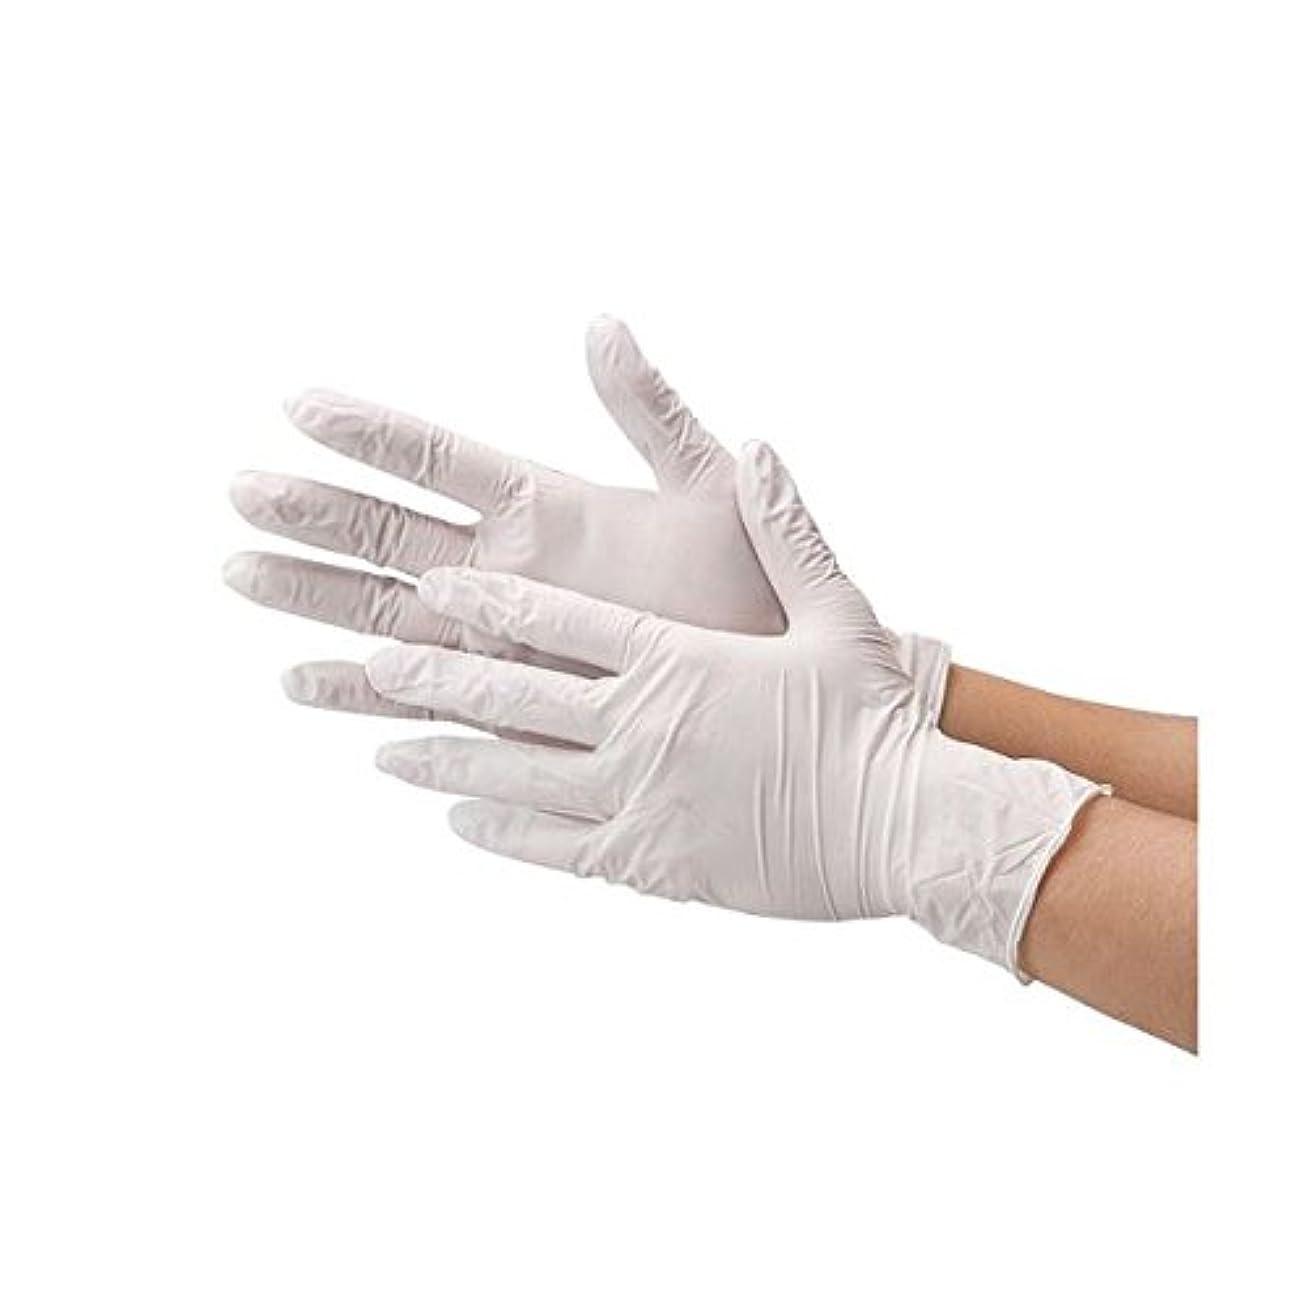 バイパス手伝うマッサージ川西工業 ニトリル極薄手袋 粉なしホワイトS ダイエット 健康 衛生用品 その他の衛生用品 14067381 [並行輸入品]